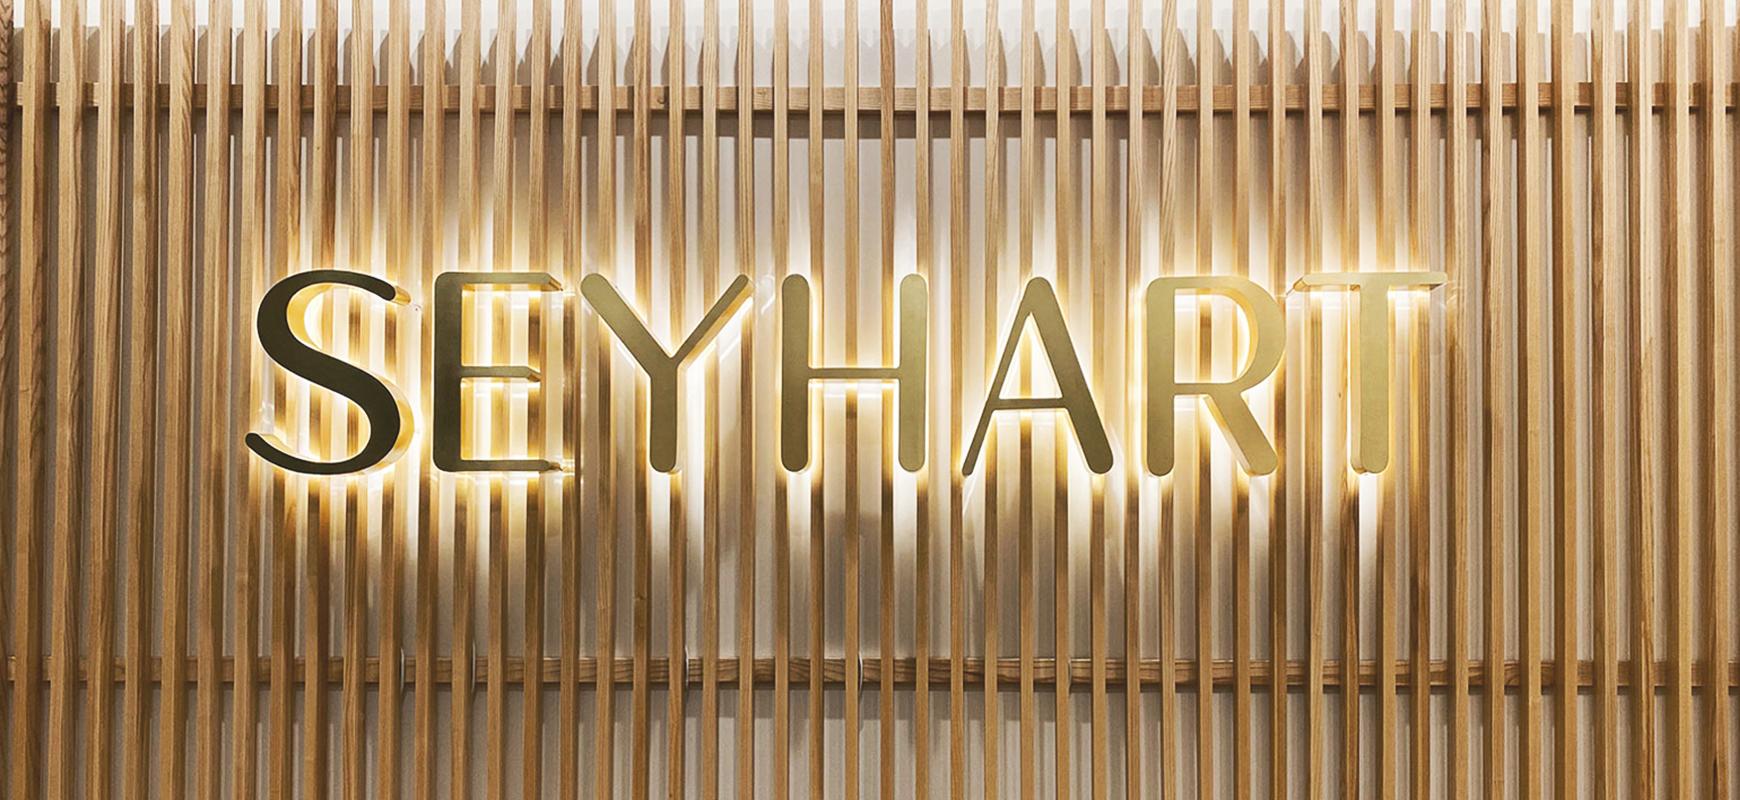 seyhart-reverse-channel-letters